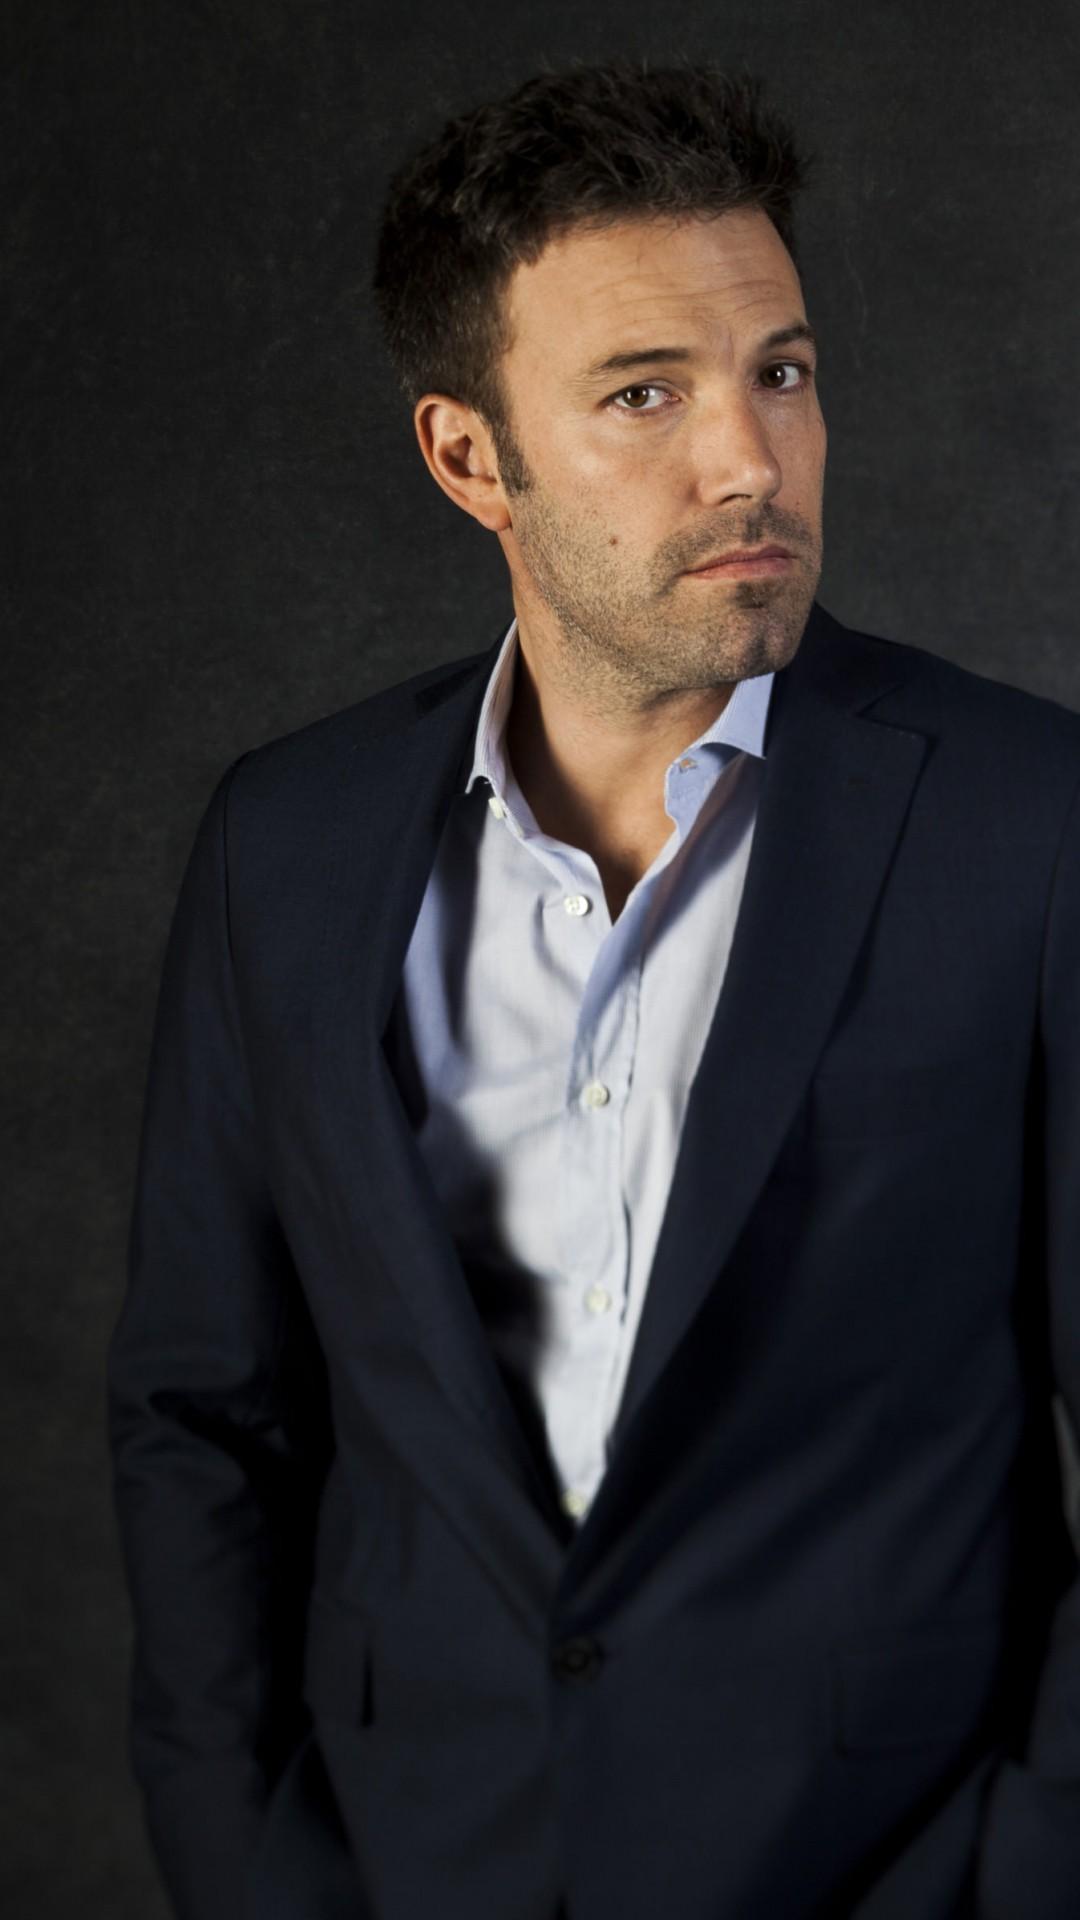 wallpaper ben affleck  most popular celebs in 2015  actor